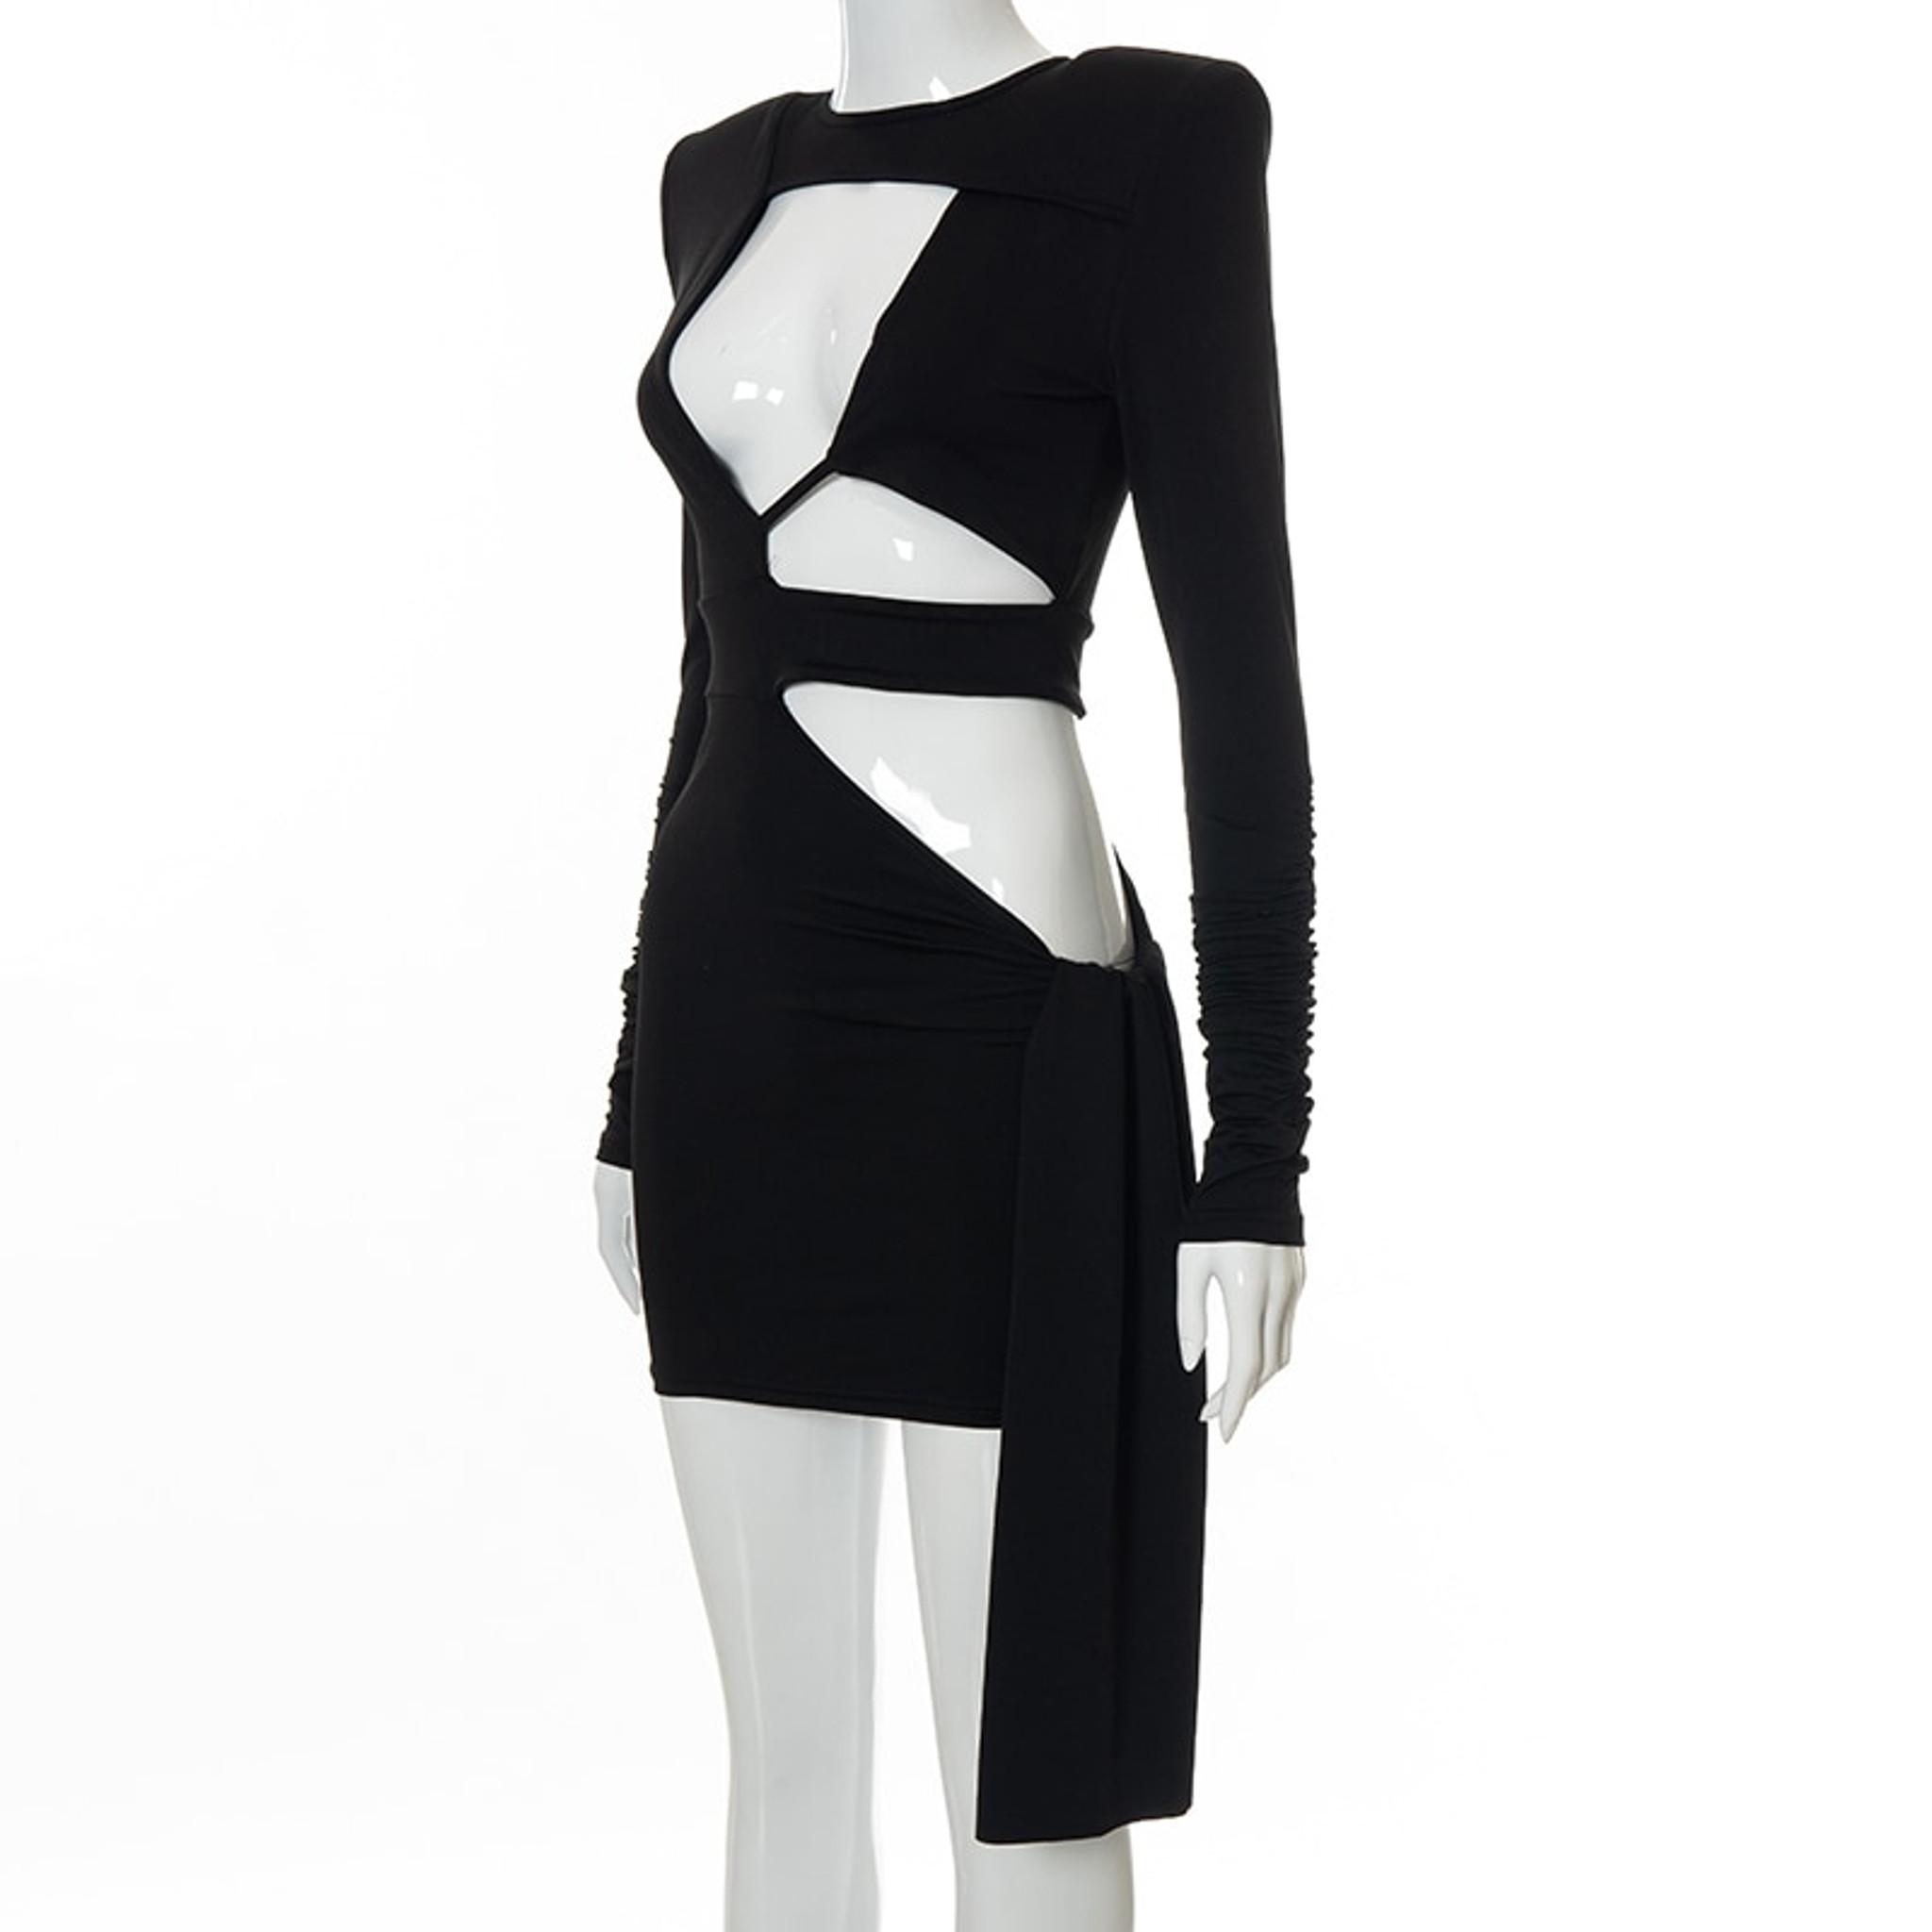 Zaza Cut Dress